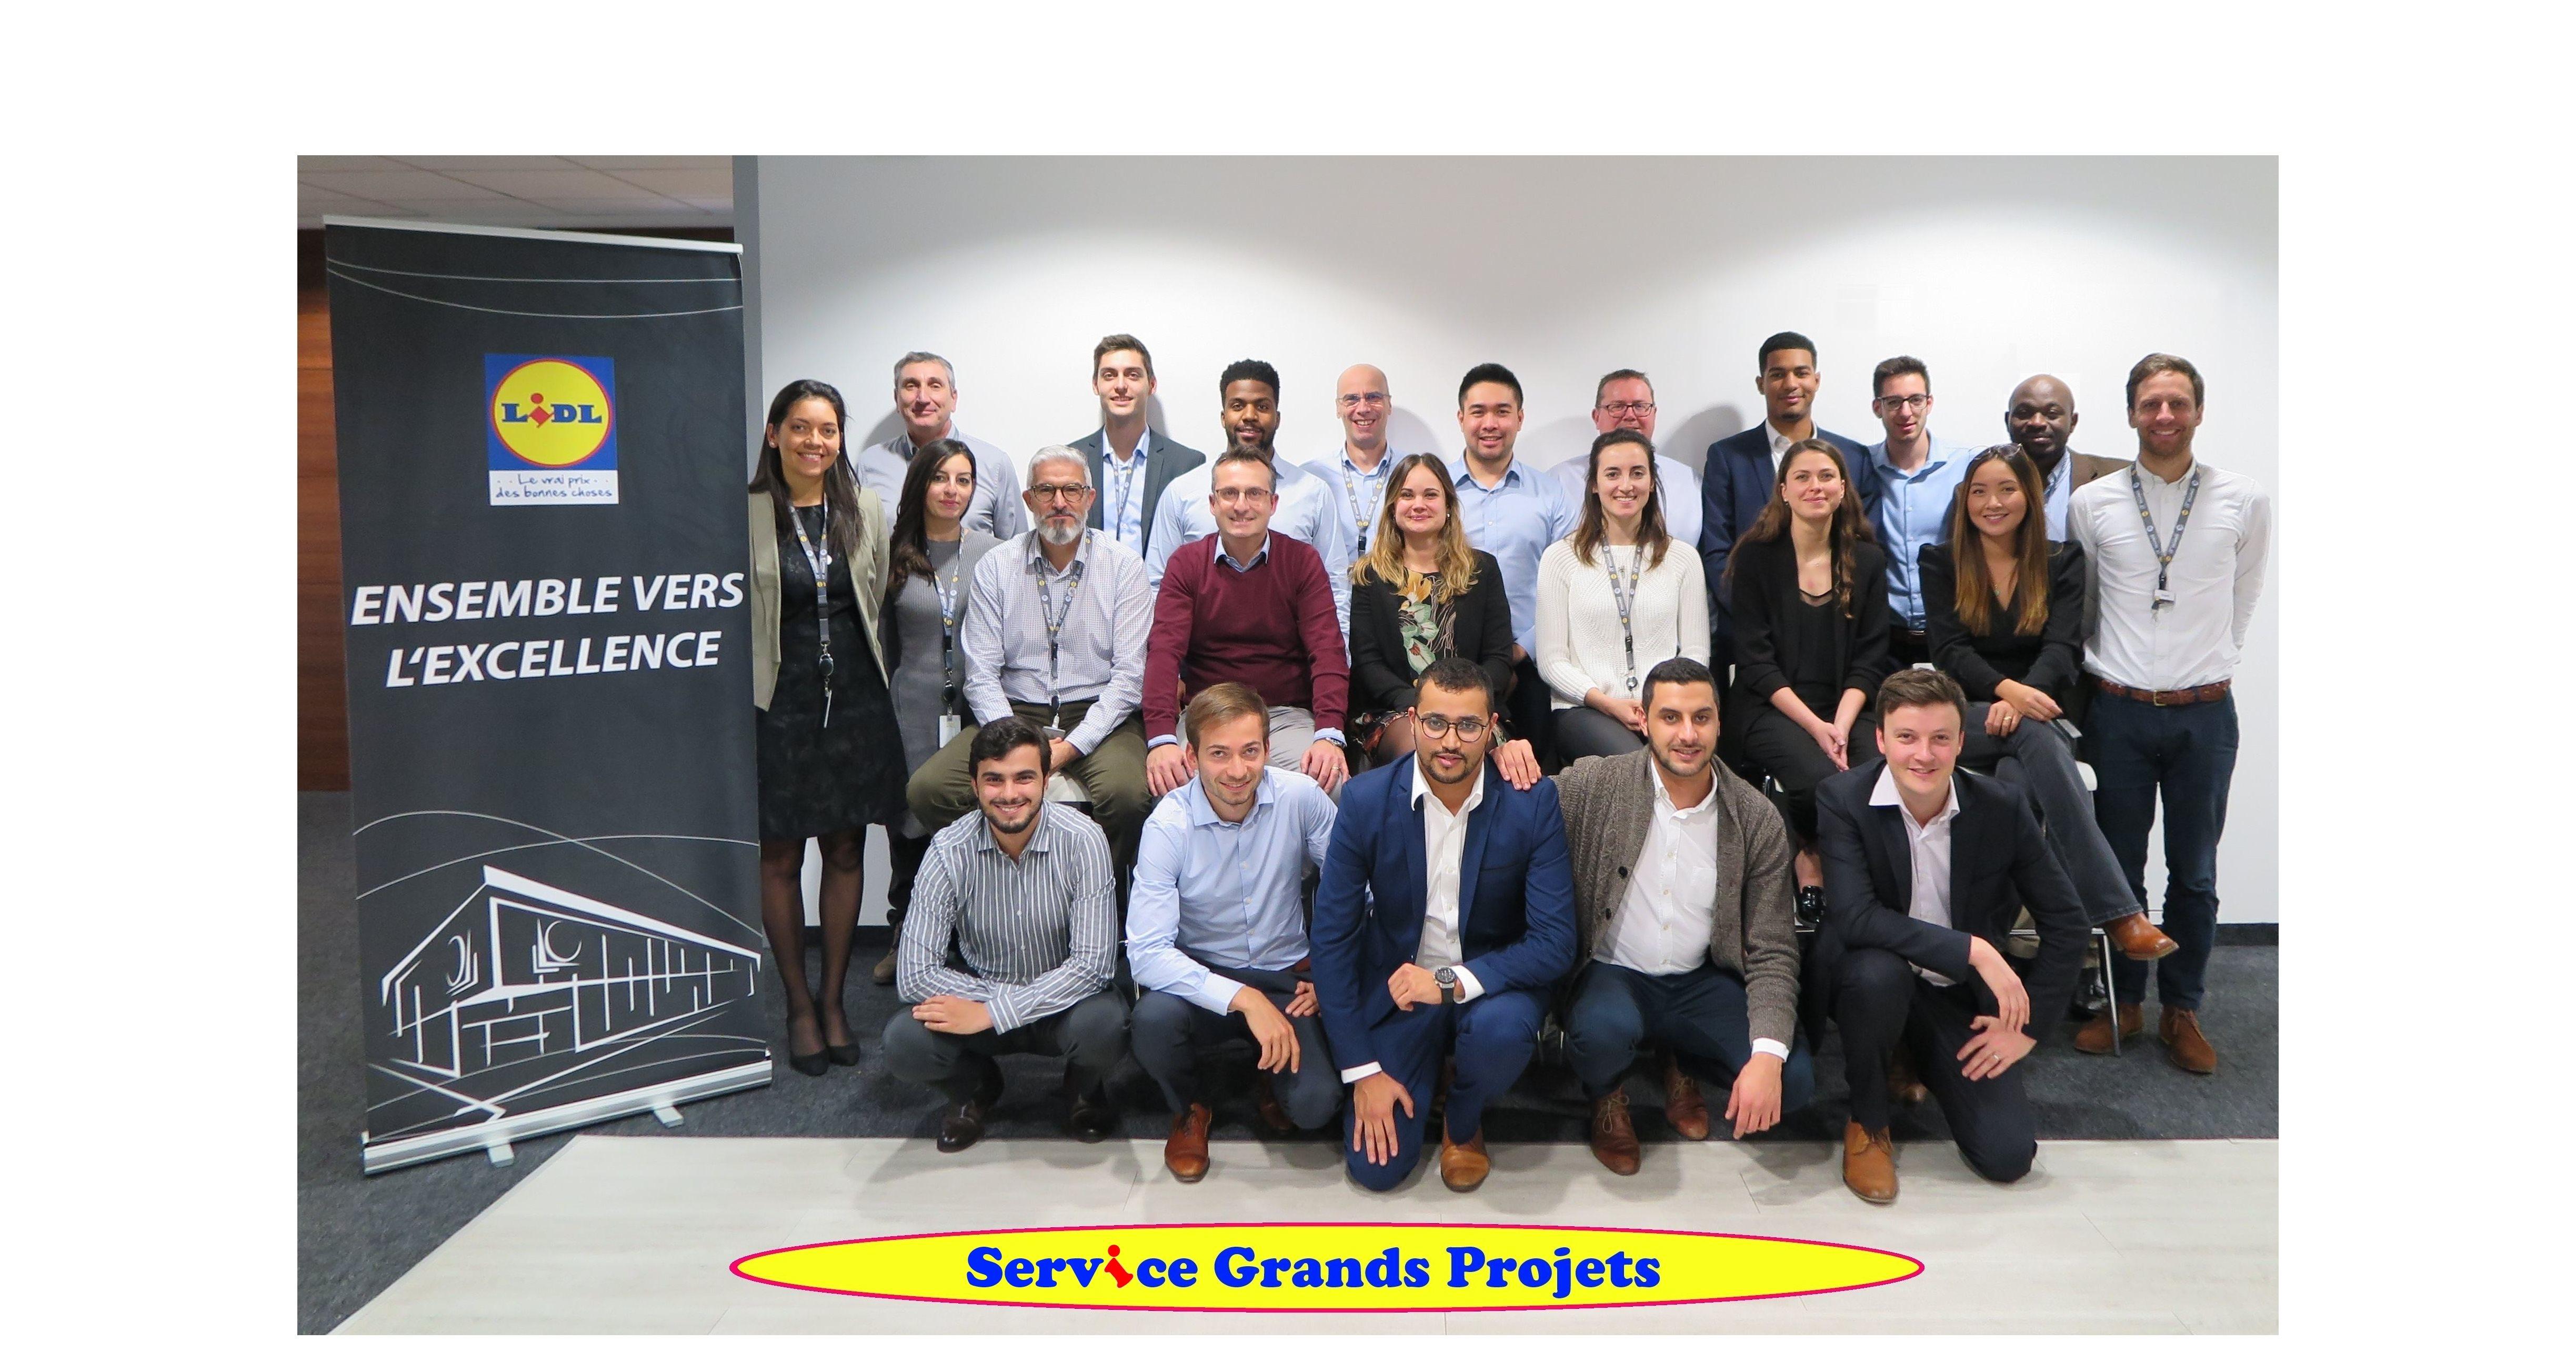 Photo Service Grands Projets